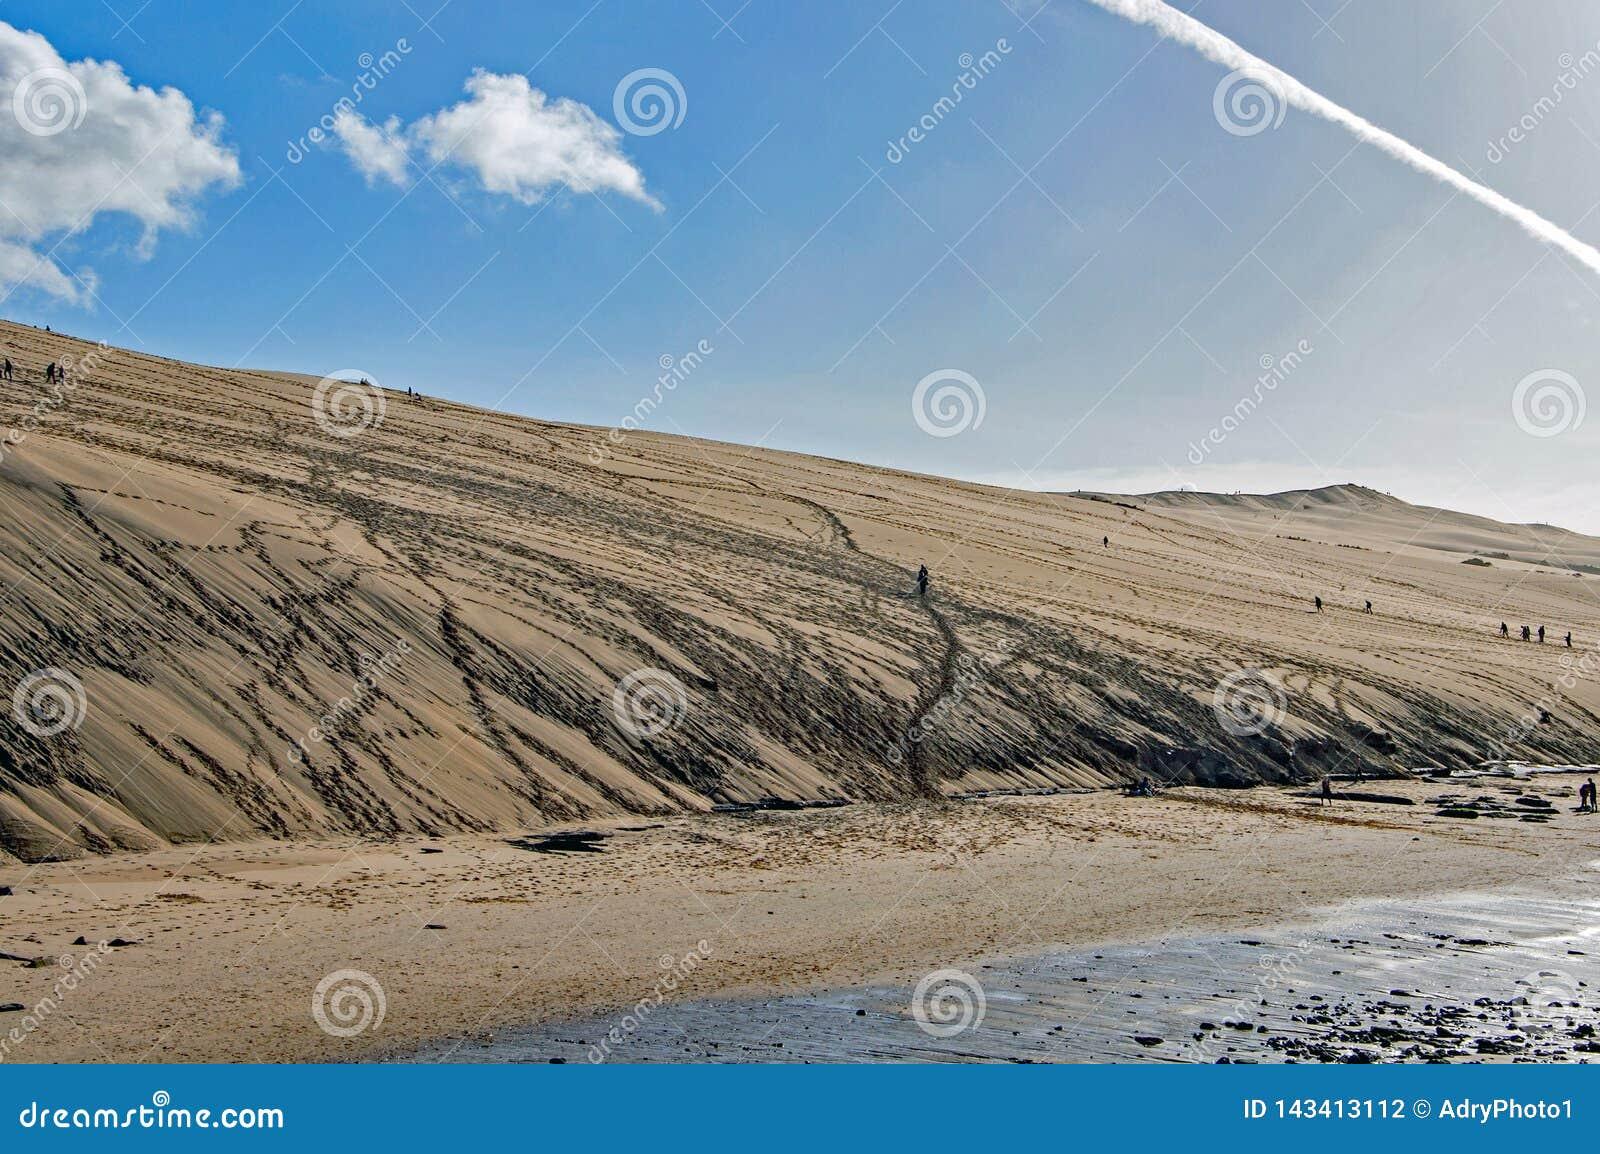 Die Dünen von Pilat in Frankreich, das höchste in Europa, Frankreich